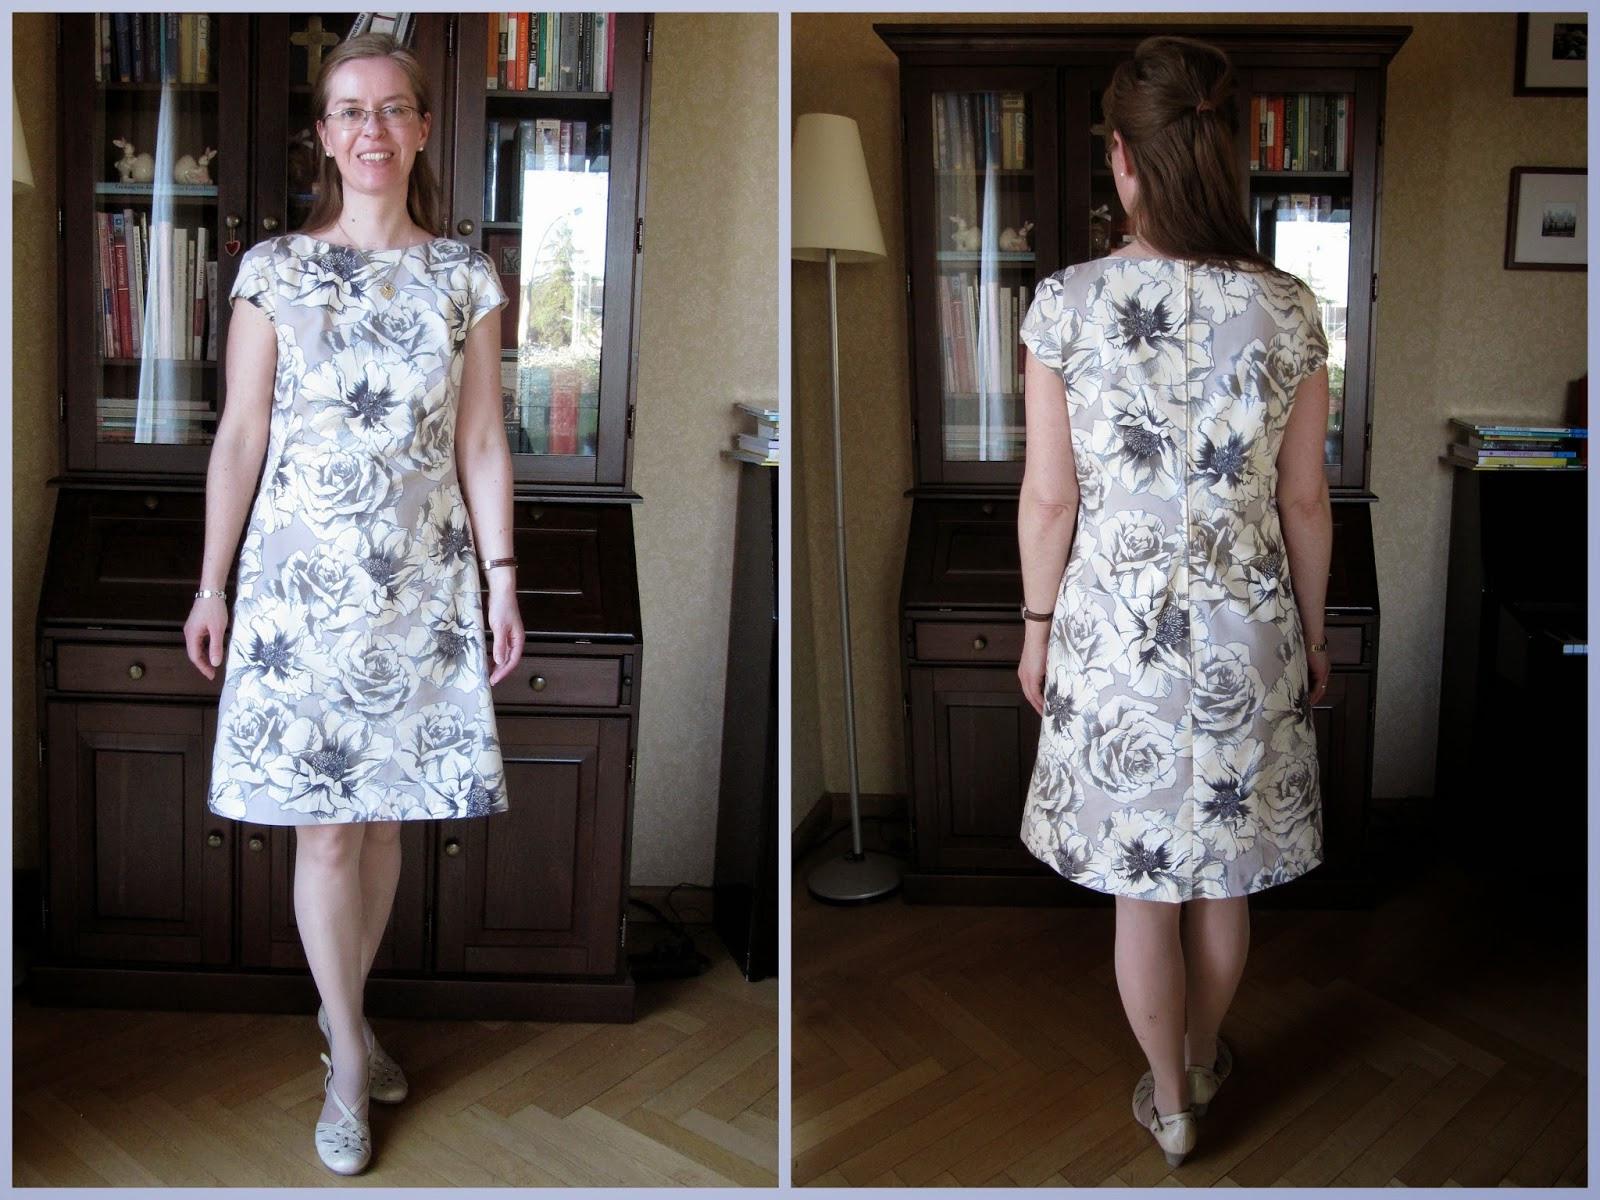 Formal Schön Kleid Kniebedeckt Bester Preis13 Kreativ Kleid Kniebedeckt Stylish